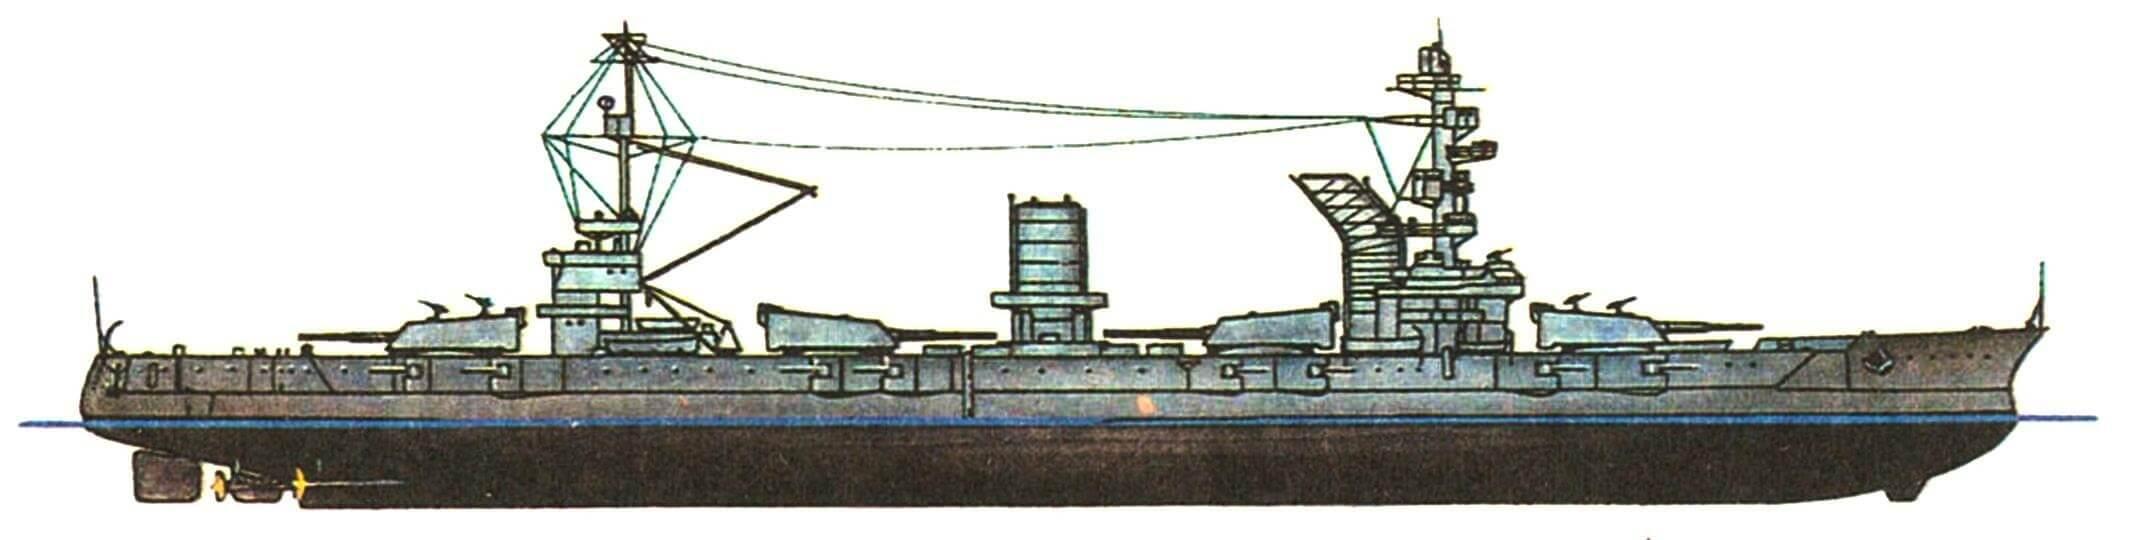 218.Линейный корабль «МАРАТ», СССР, 1914/1939 г. Водоизмещение полное 26 170 т, длина наибольшая 184 м, ширина 26,89 м, осадка 9,3 м. Мощность четырехвальной паротурбинной установки 61 000 л.с., скорость 23 уз. Броня: пояс 225 — 125 мм, продольная переборка 51 мм, казематы 127 мм, палубы 38+25 мм, рубка до 250 мм. Вооружение: двенадцать 305-мм и шестнадцать 120-мм орудий, шесть 76-мм пушек Лендера, 6 счетверенных и 2 одиночные установки пулеметов «максим». Внешний вид корабля и его ТТХ приведены по состоянию на 1939 г.